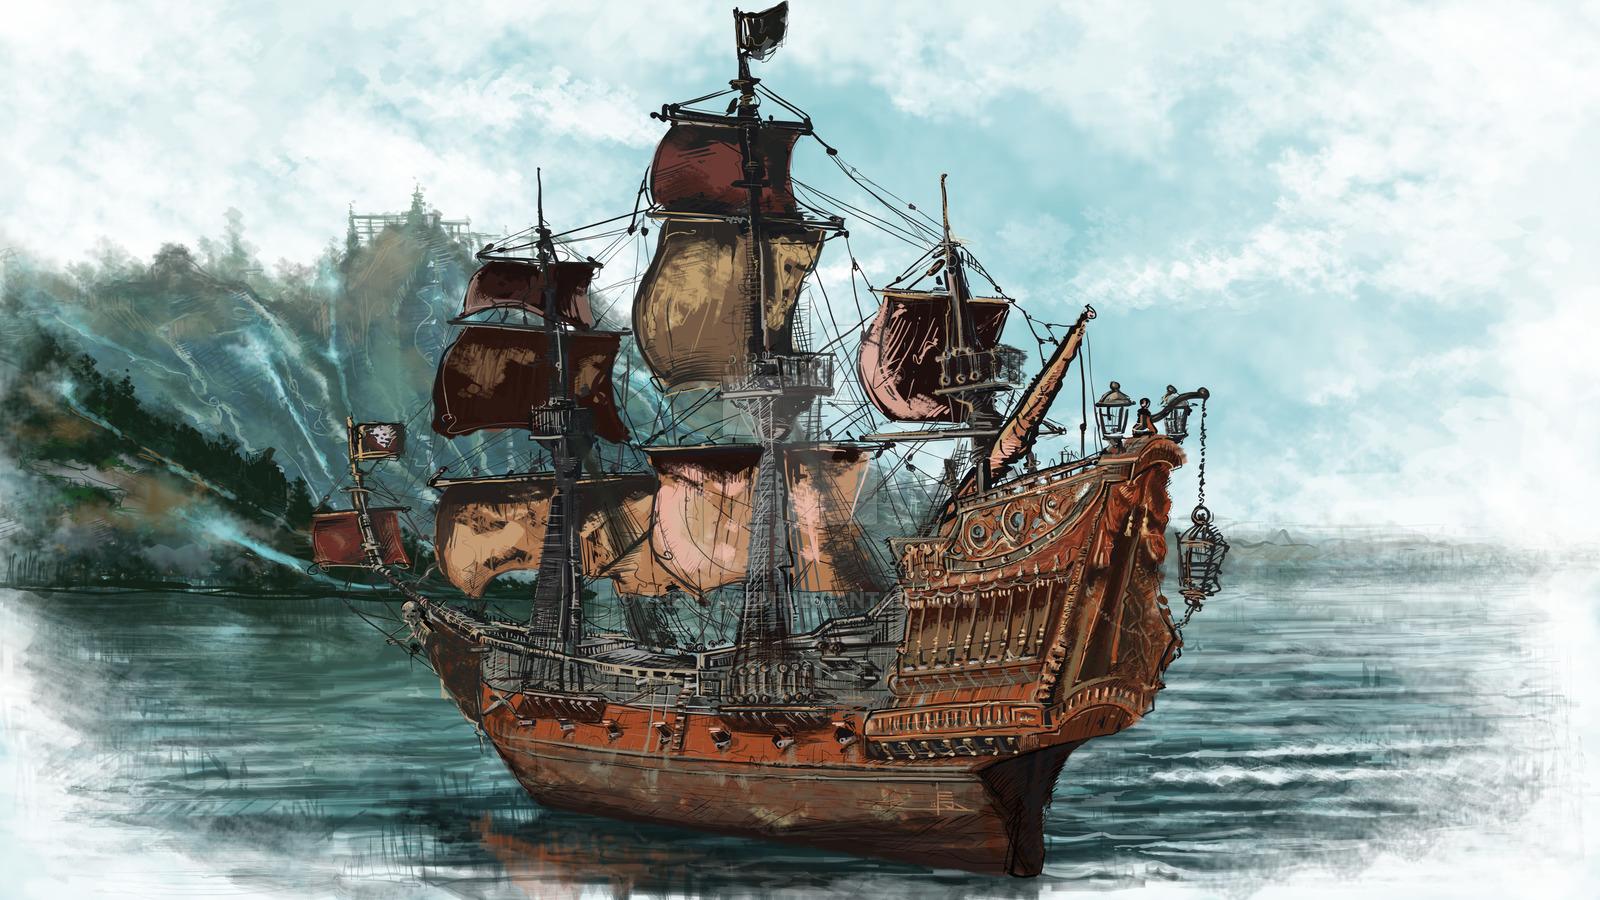 пираты черного моря, пиратский корабль